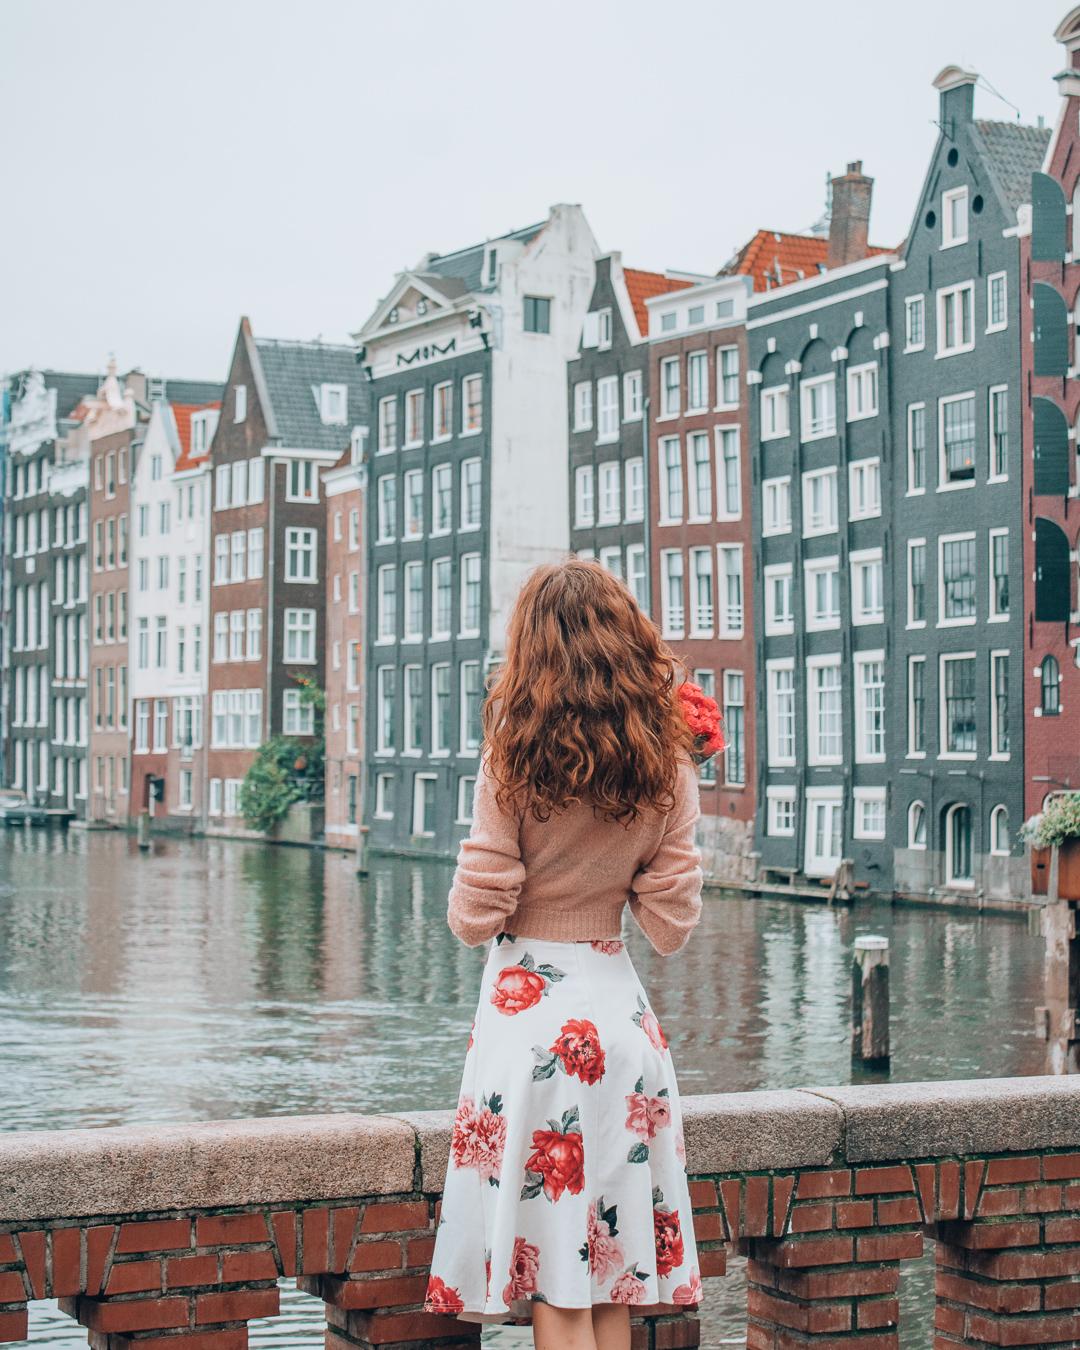 Girl next to Beurs van Berlage